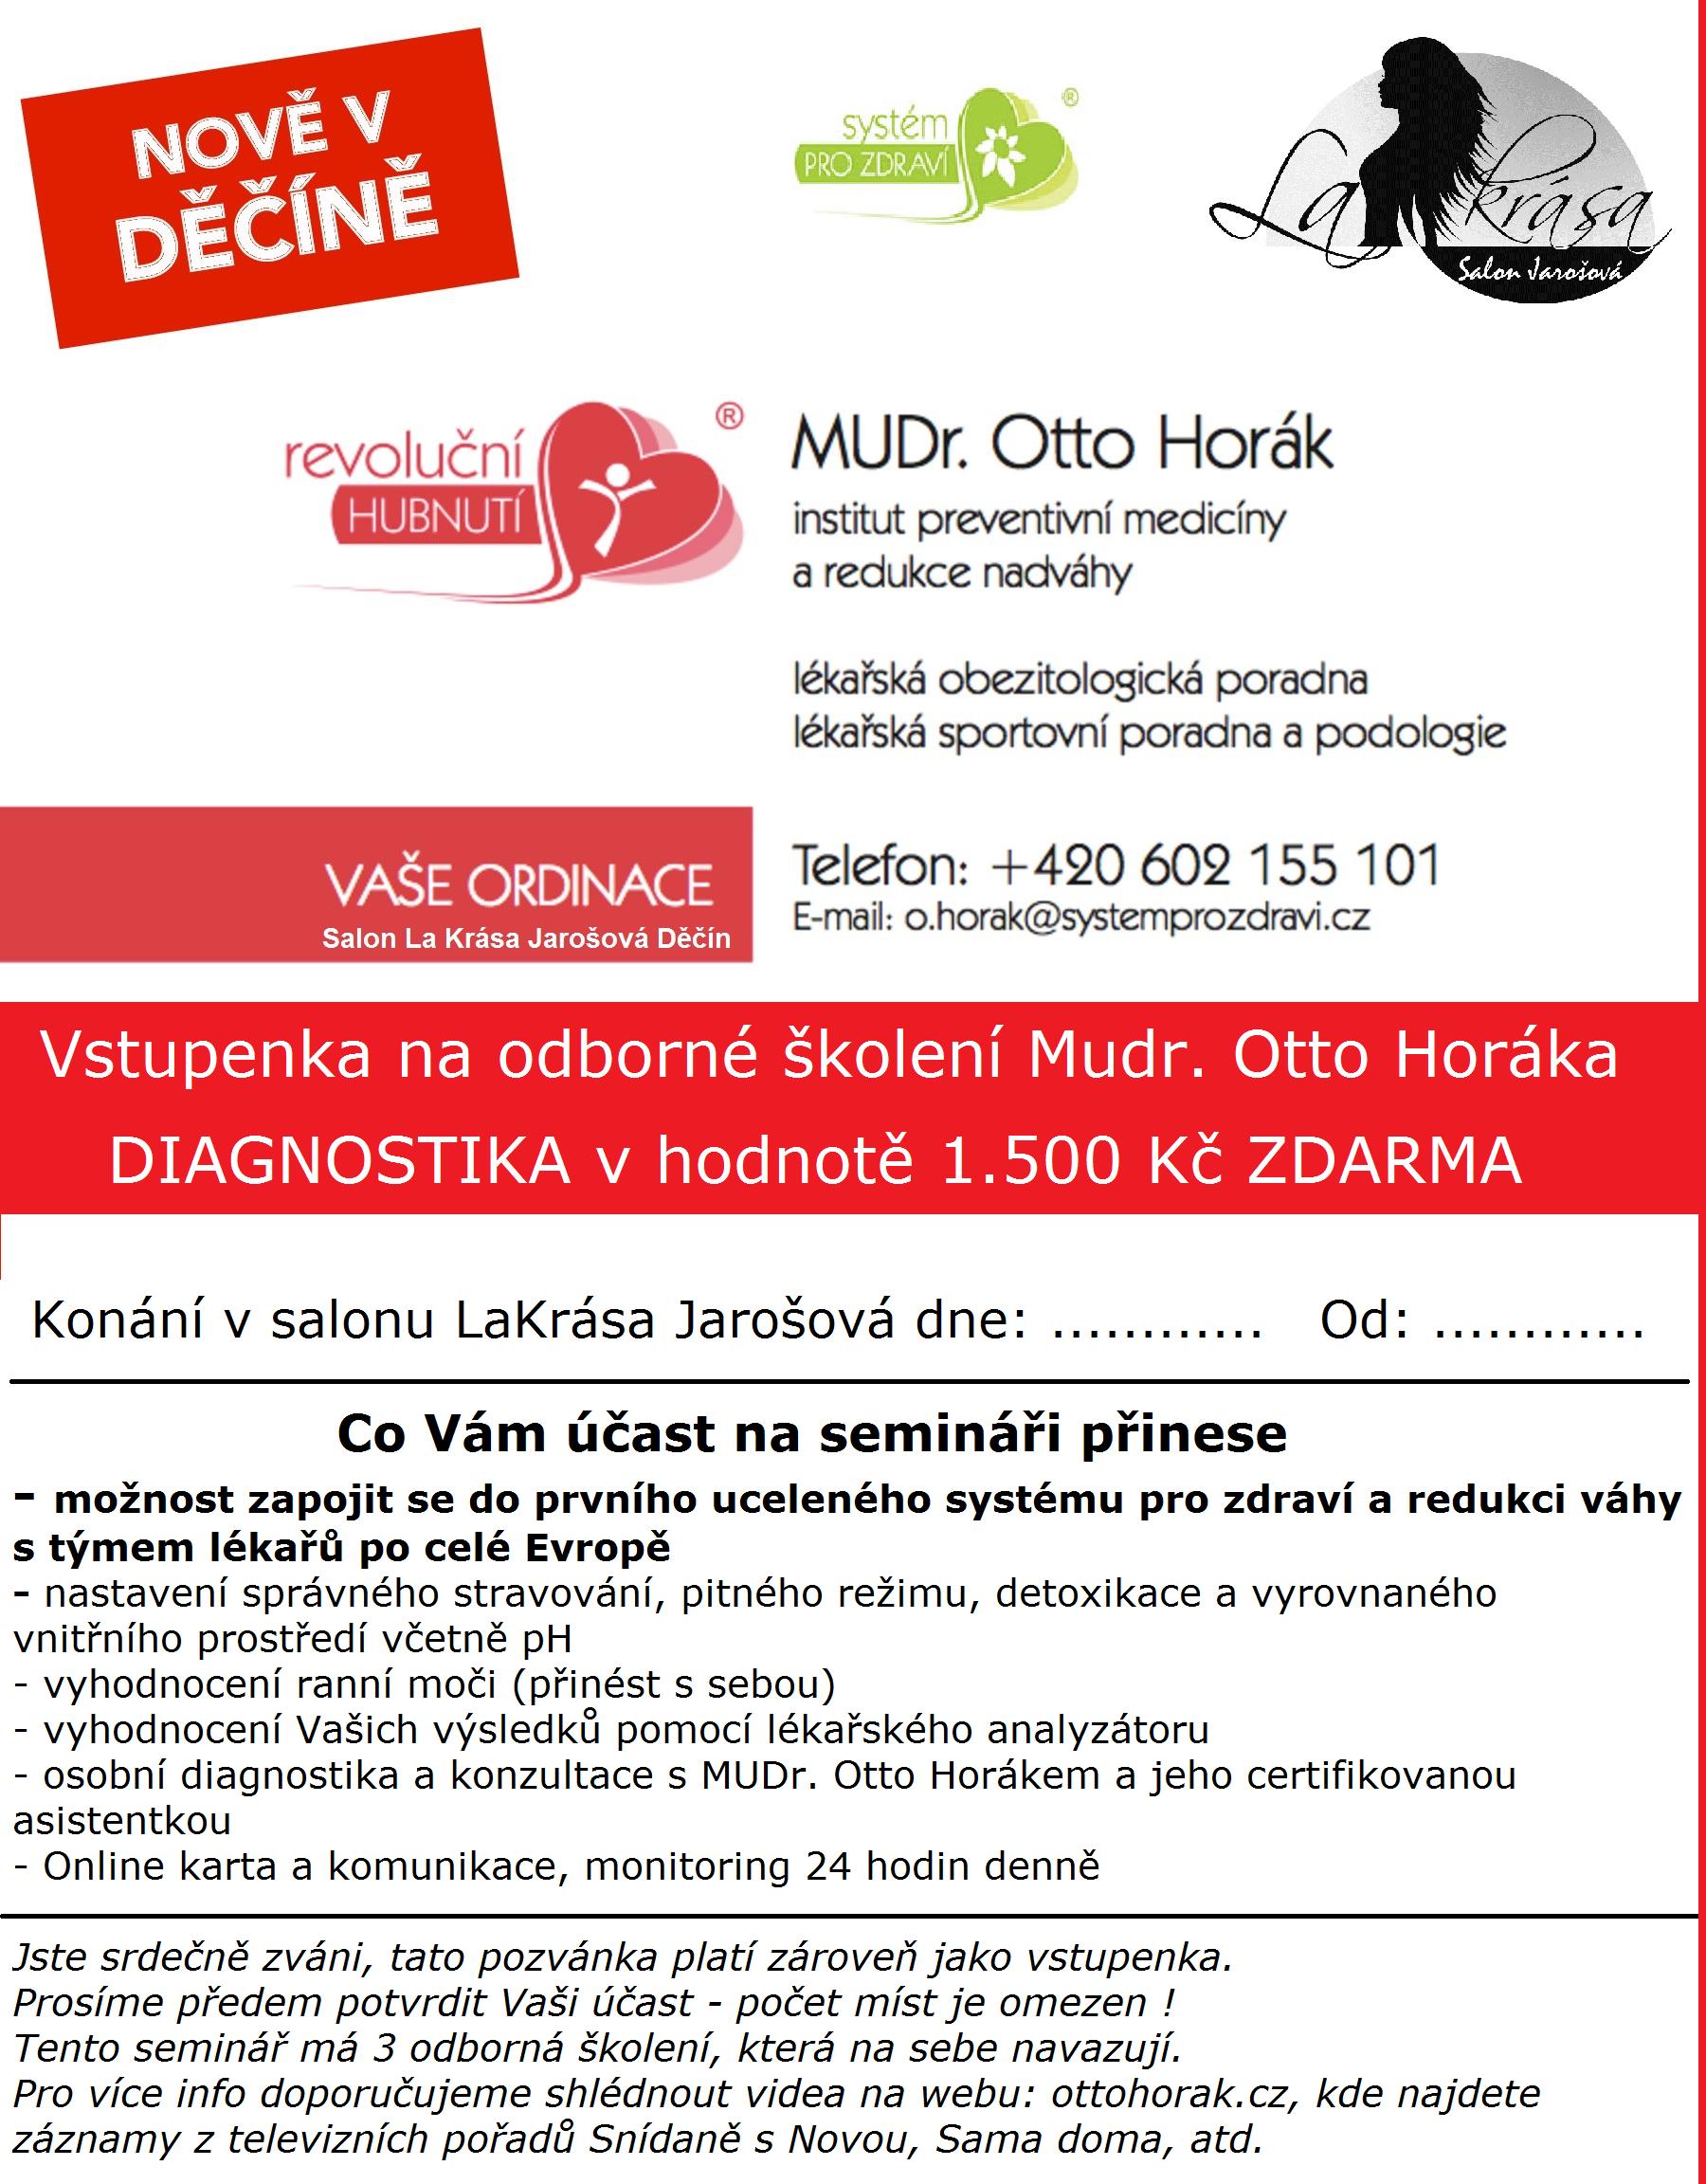 Otto Horák institut preventivní medicíny